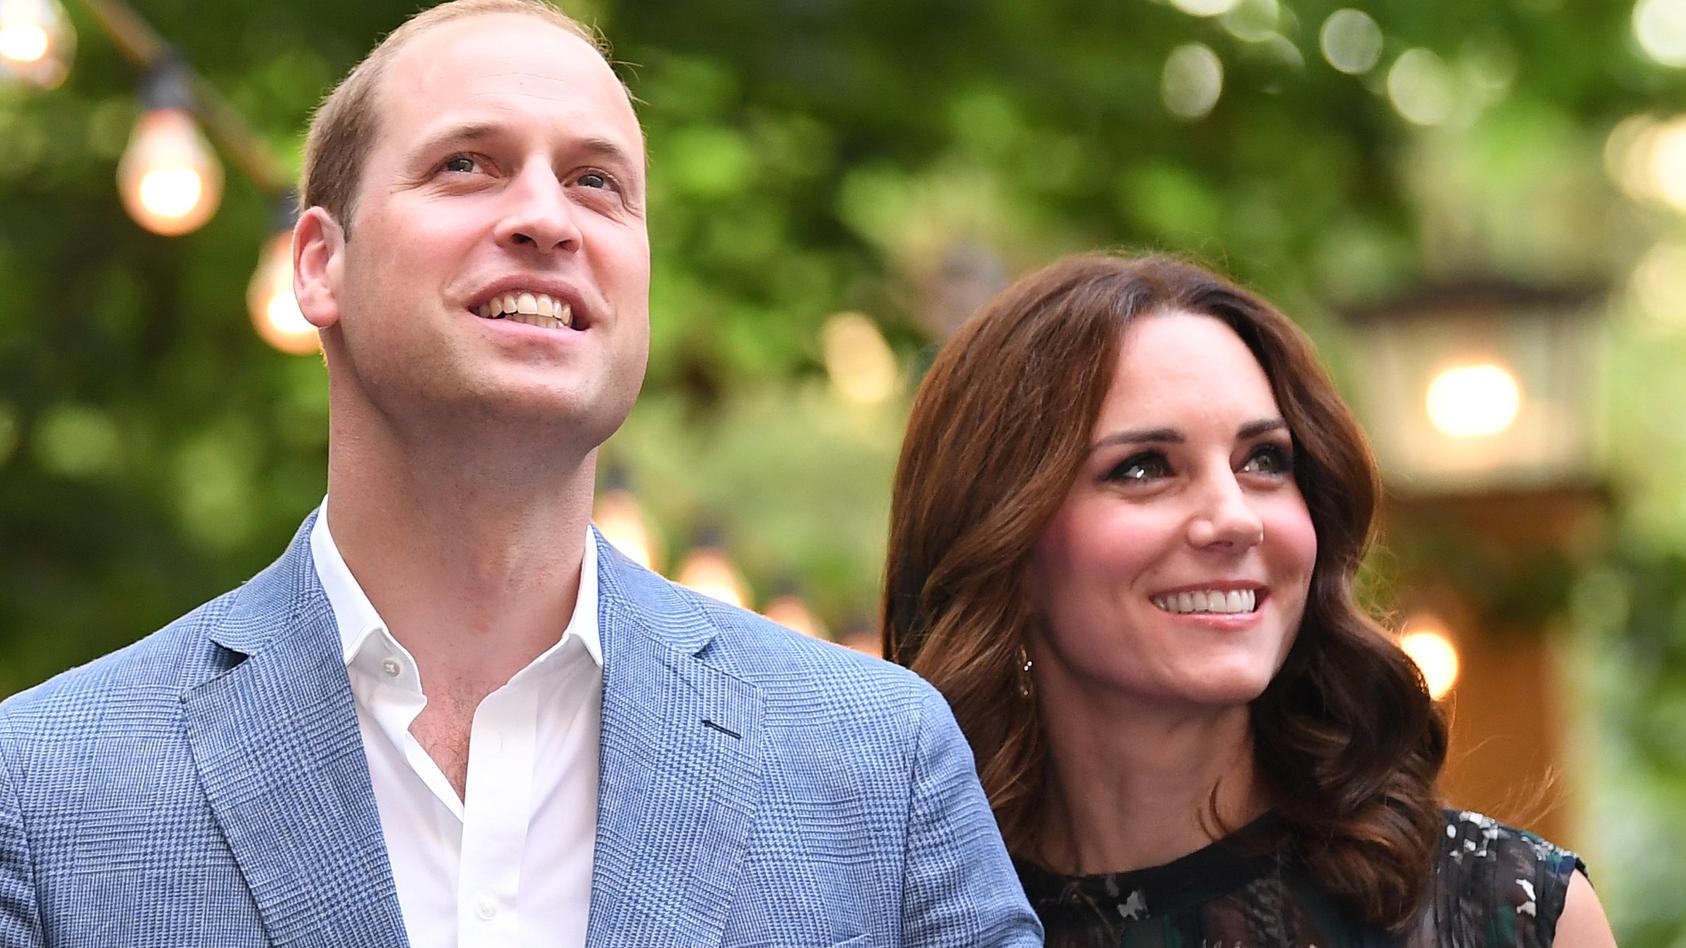 Prinz William und Herzogin Kate hatten Startschwierigkeiten beim ersten Kennenlernen.